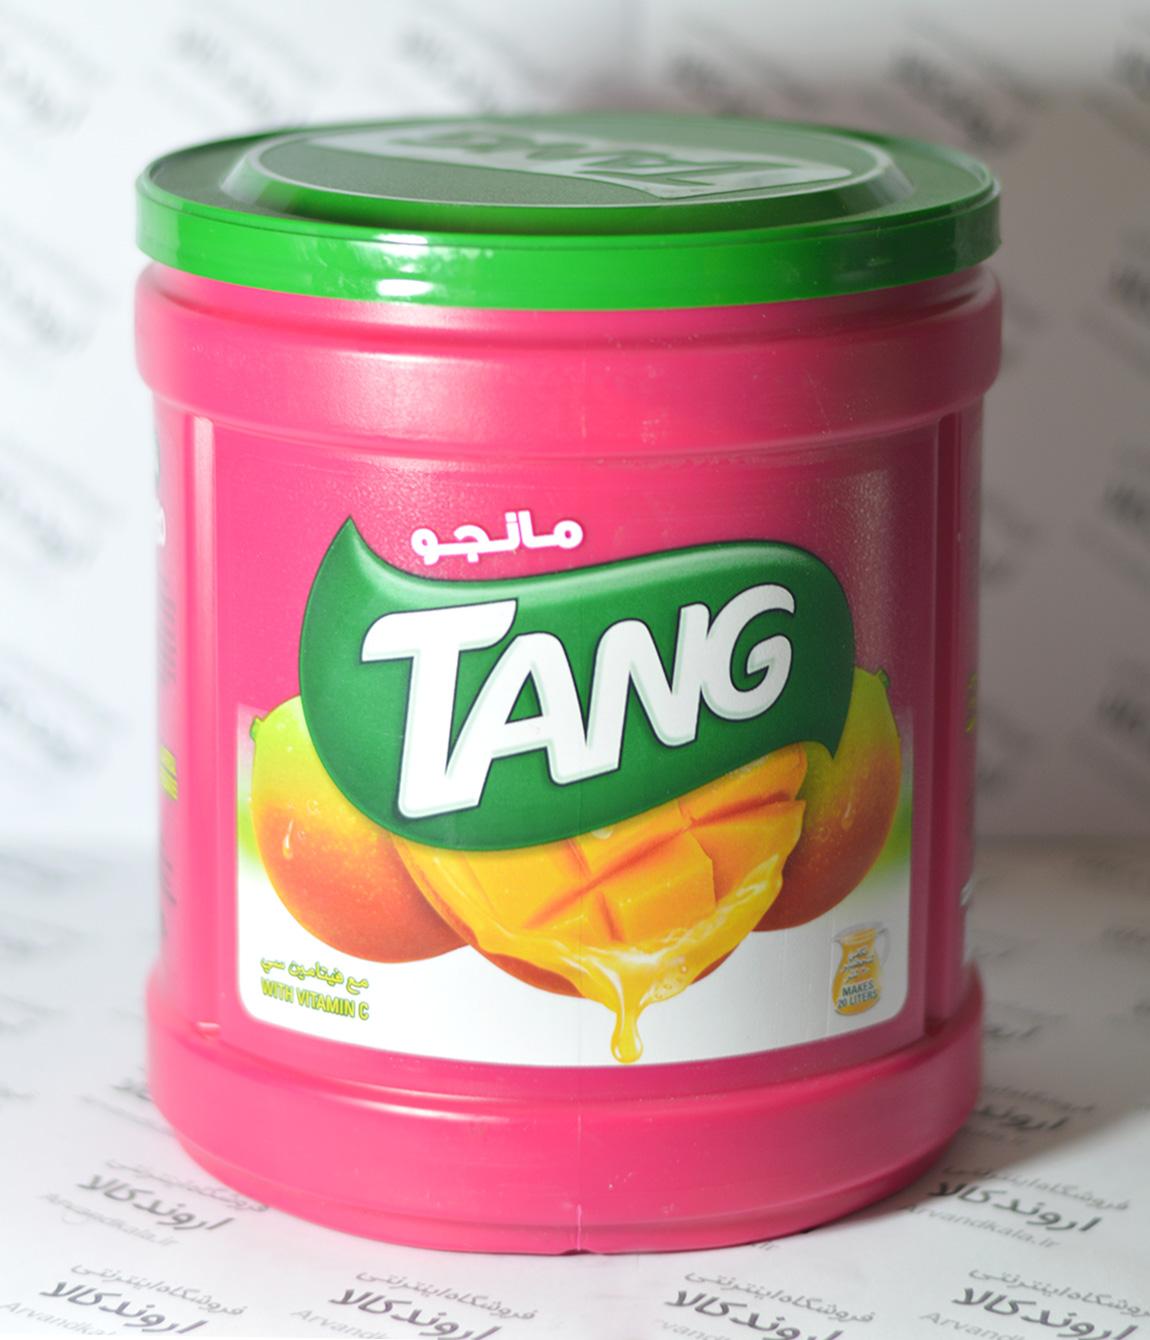 پودر شربت انبه تانج tang